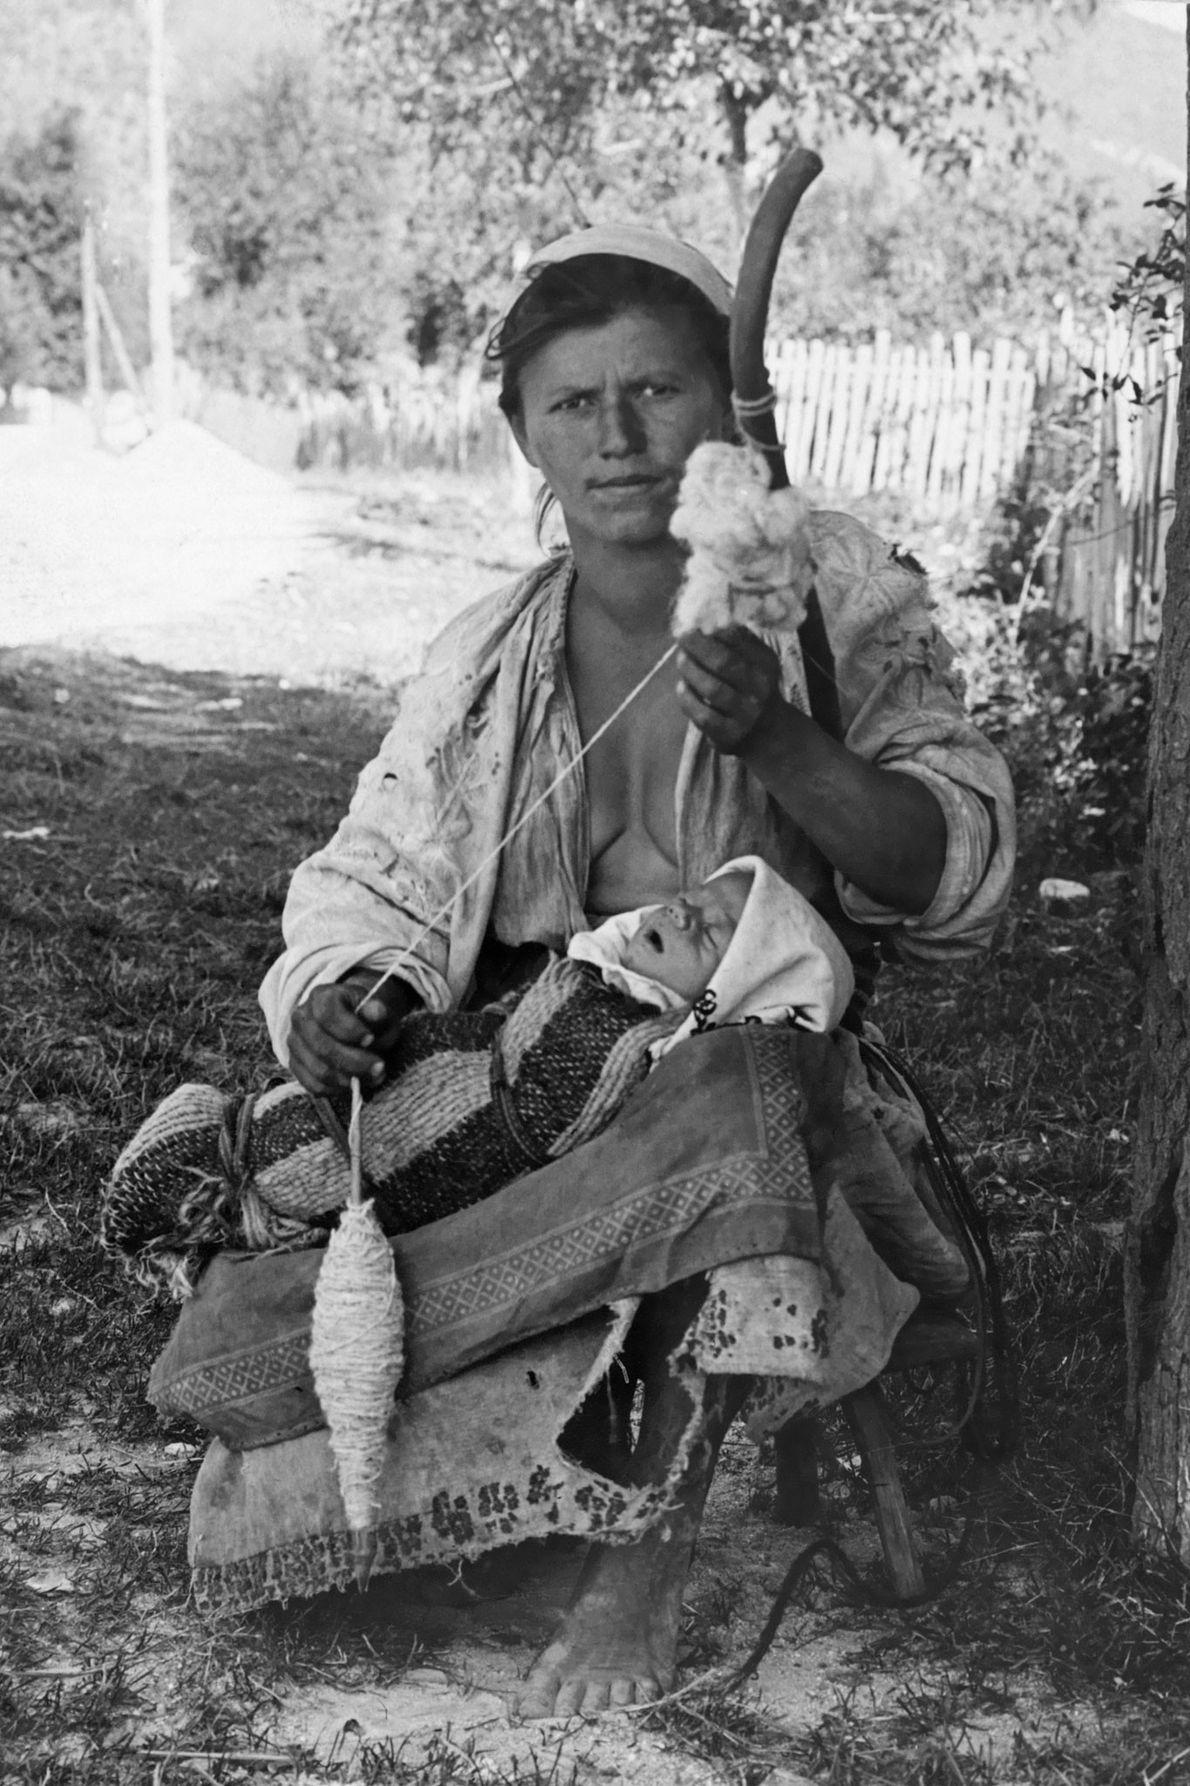 Uma mulher húngara fia lã, enquanto um bebé dorme.